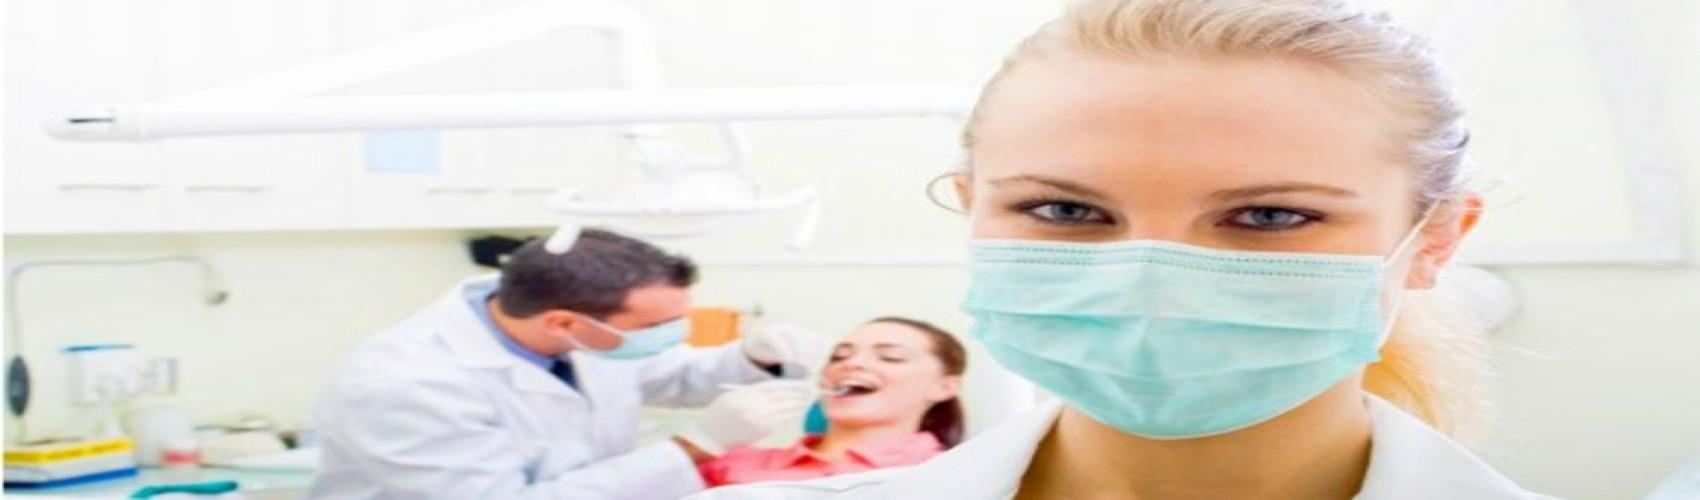 【Las 10 claves para alcanzar la satisfacción de tus pacientes】